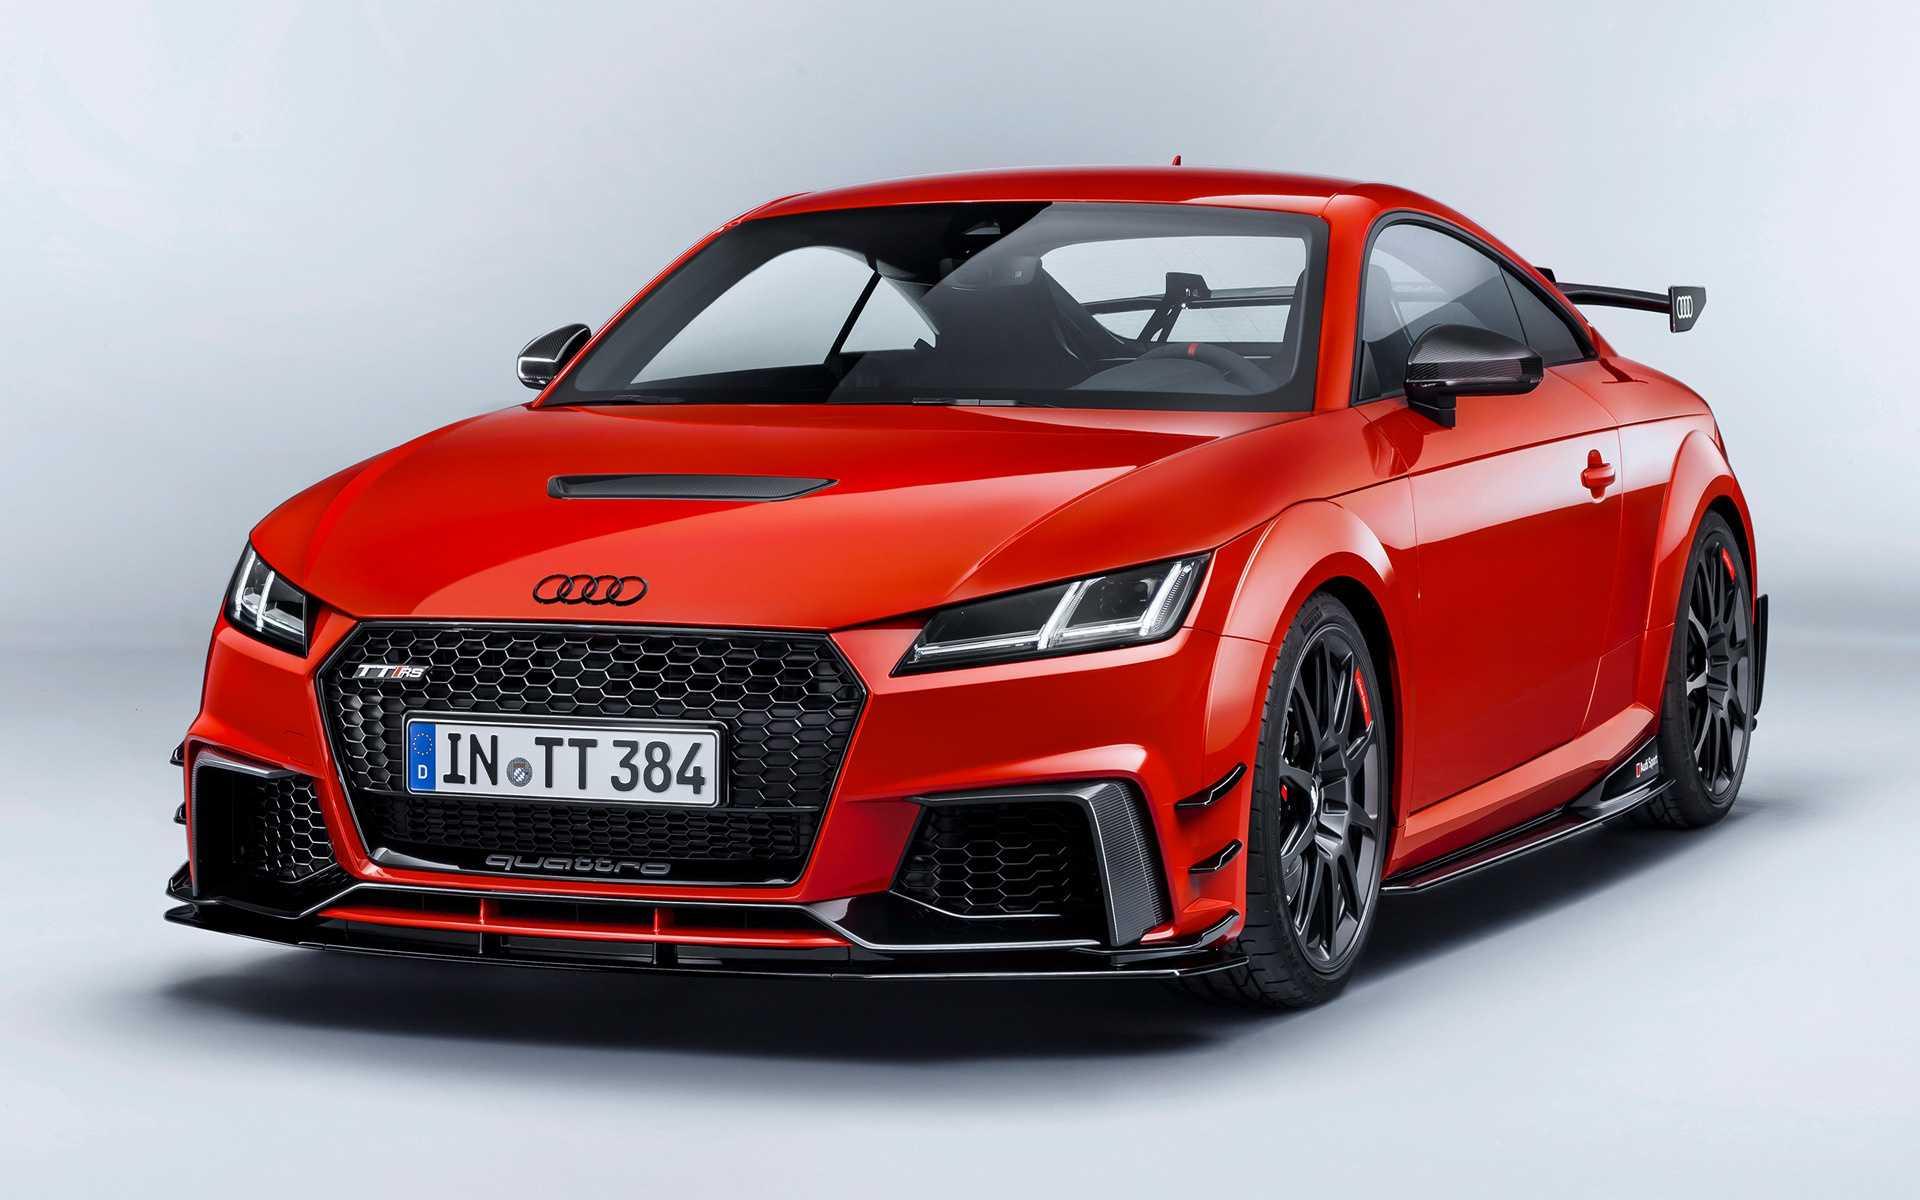 Audi tt 8j (2010-2014) цена, технические характеристики, фото, видео тест-драйв